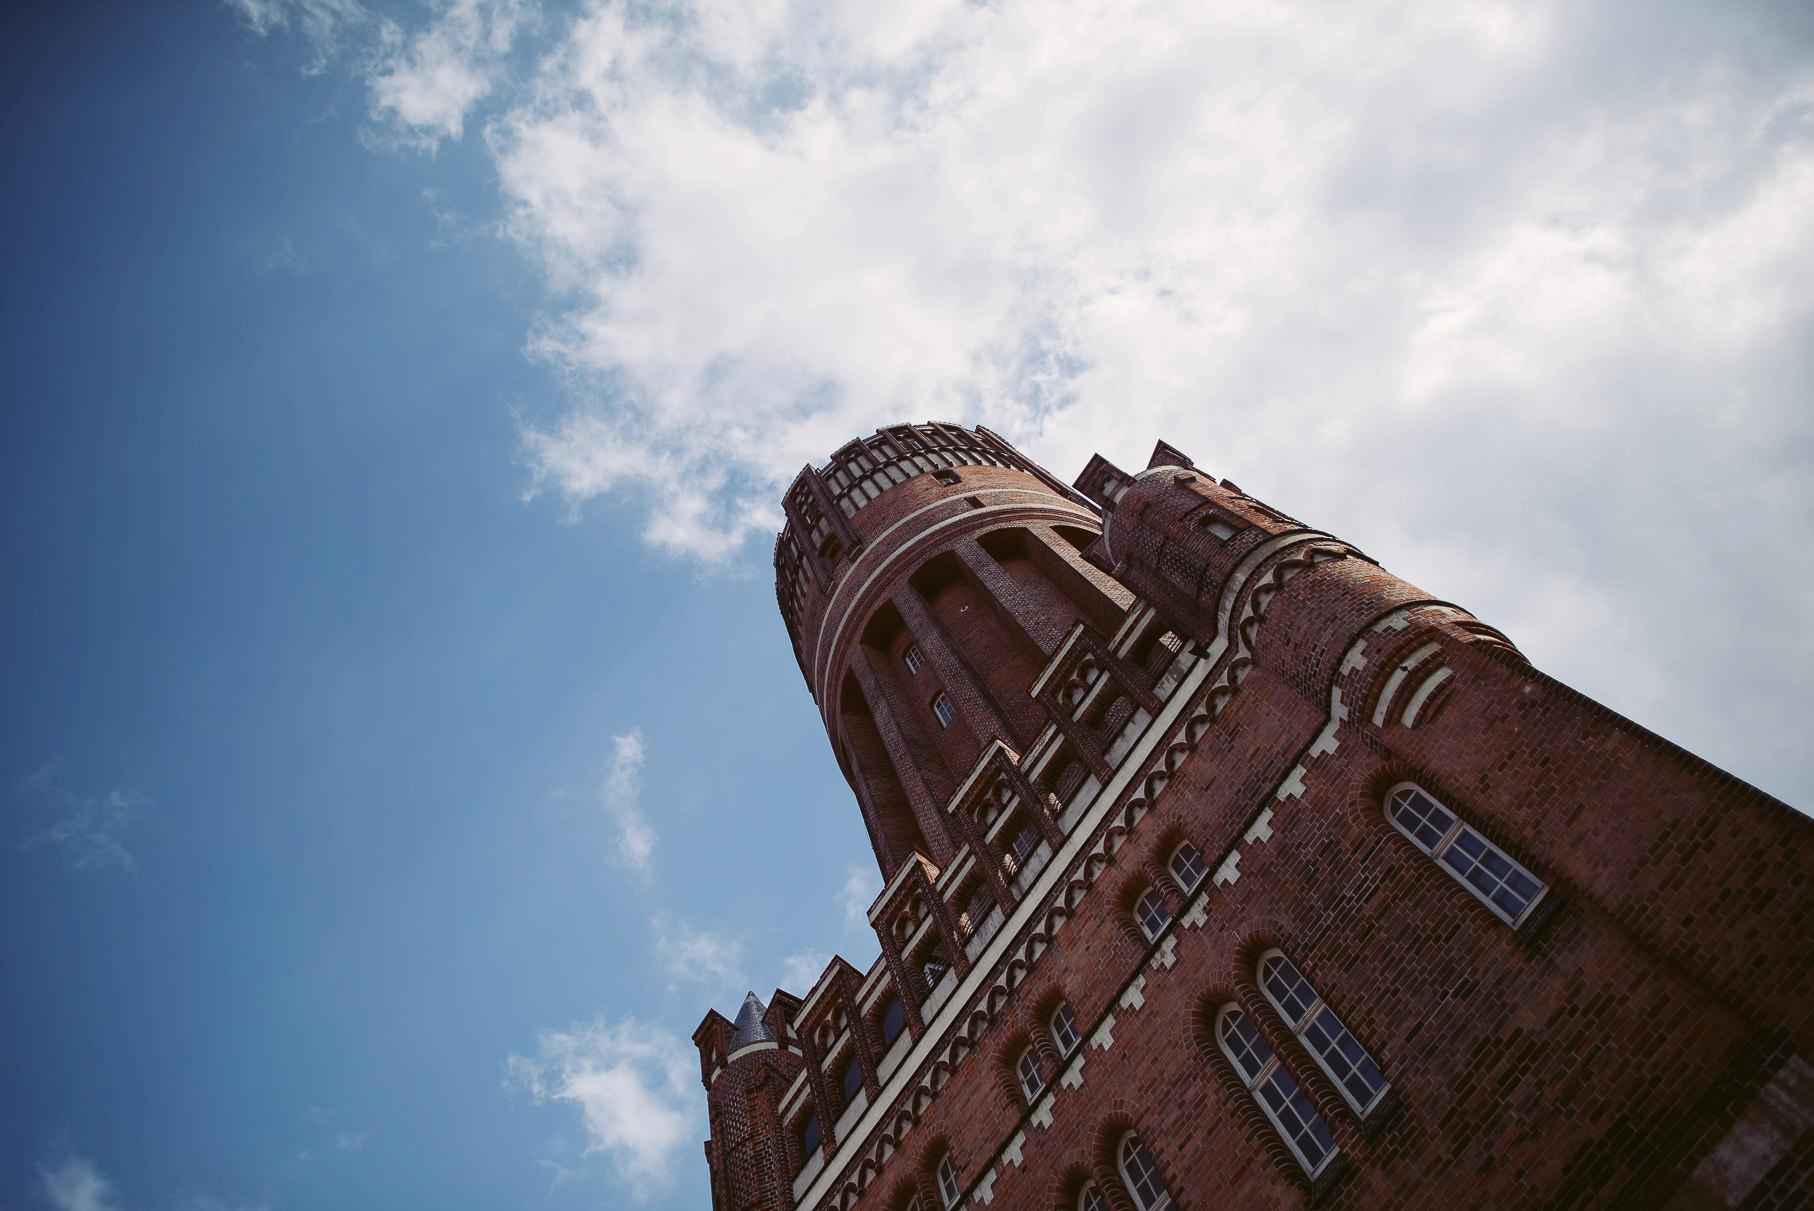 0044 jus 812 9278 - Hochzeit im Wasserturm Lüneburg - Jenny & Sascha